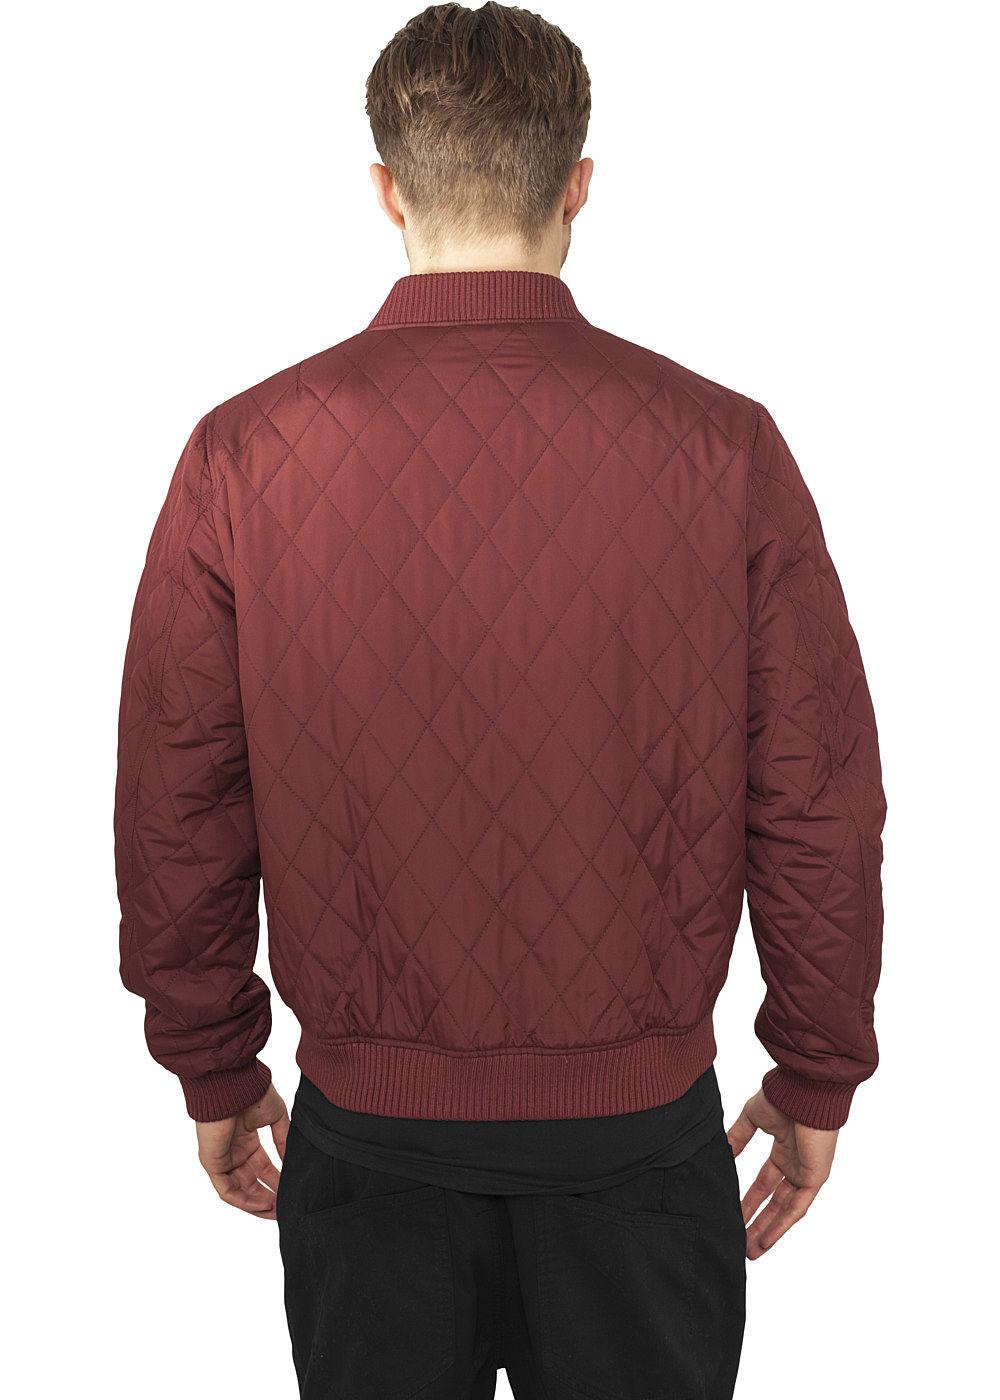 Großer Rabatt Seventyseven LifestyleTB Men abergangsjacke gequiltete Struktur burgundy rot